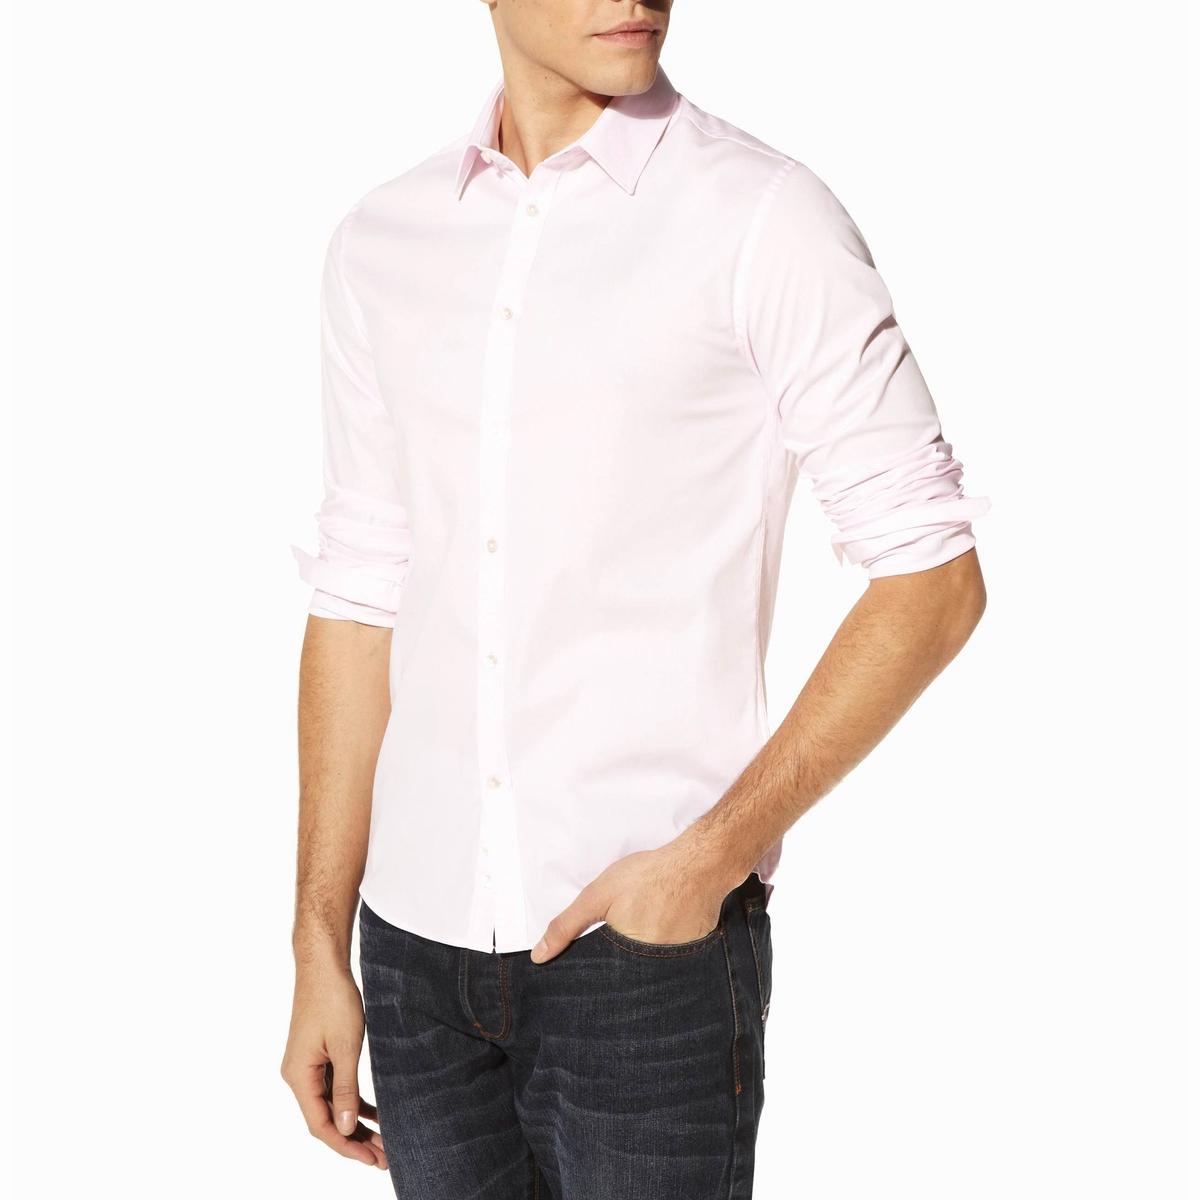 Рубашка приталенная с длинными рукавами, из стрейч поплина Jasantal 2